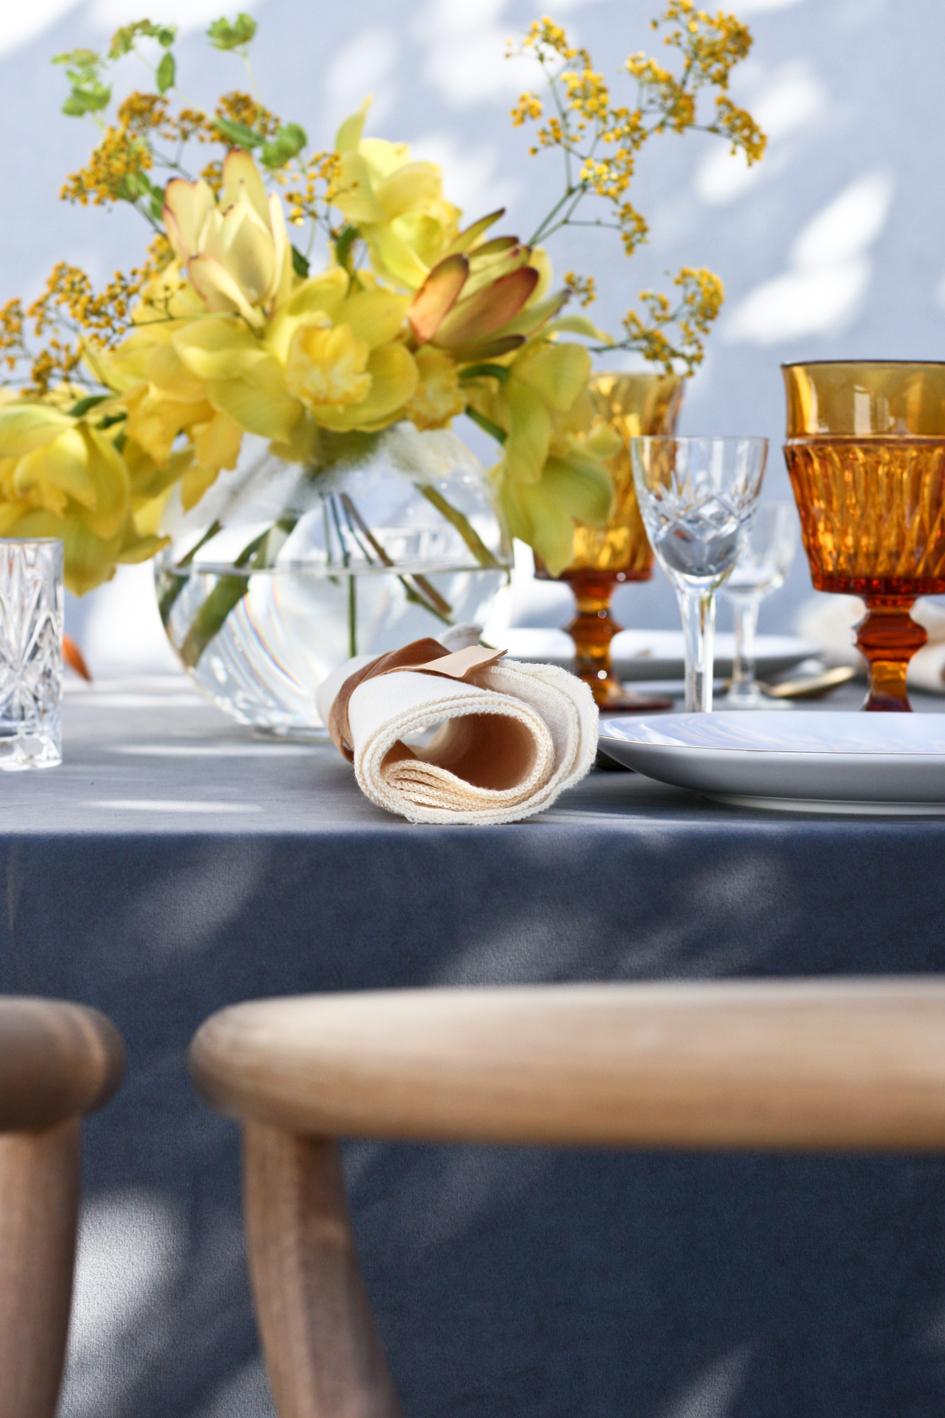 A table story_påskebord_leje af service_påskeblomster (16 of 19)